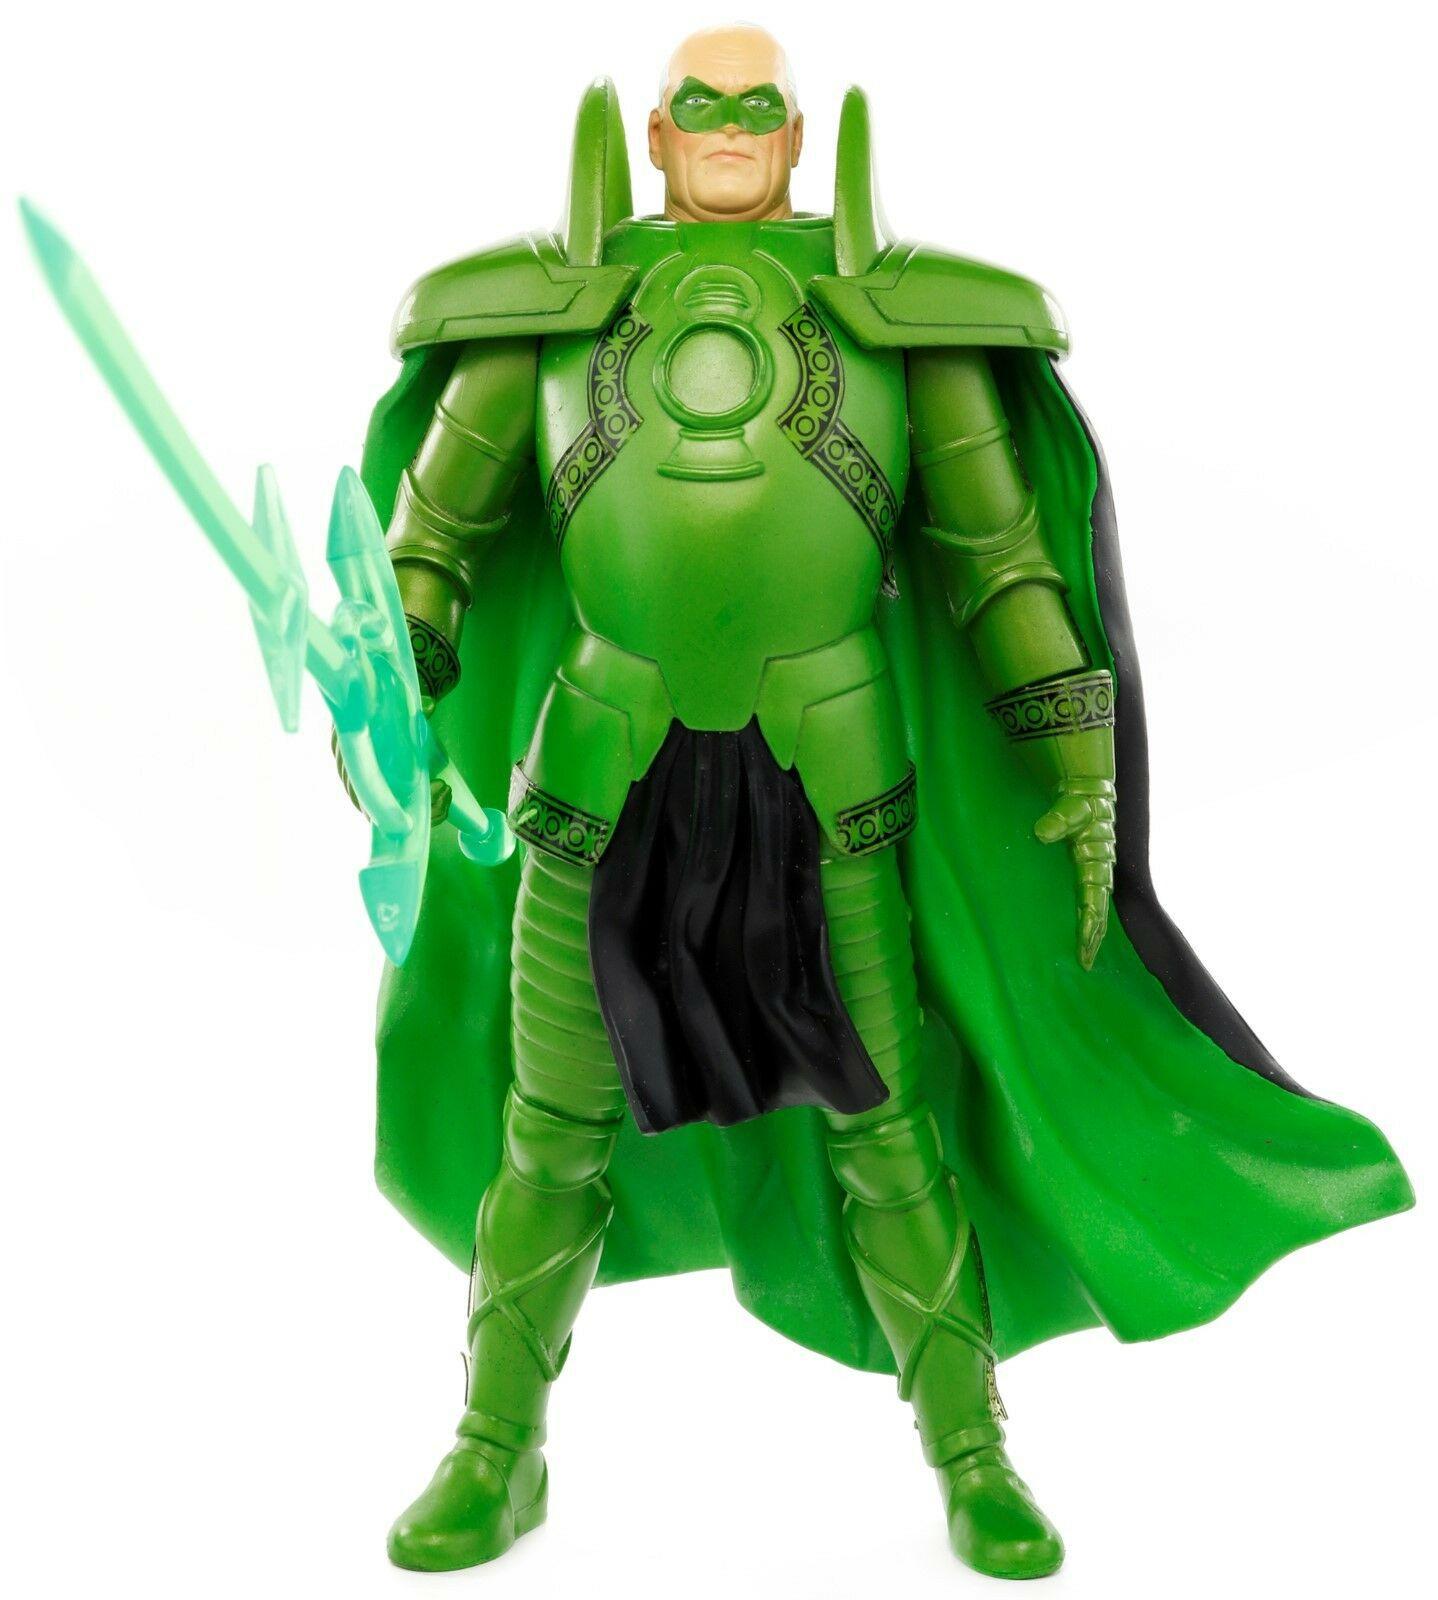 Boneco Lanterna Verde (Green Lantern): O Reino do Amanhã (Kingdom Come) - DC Direct - CG